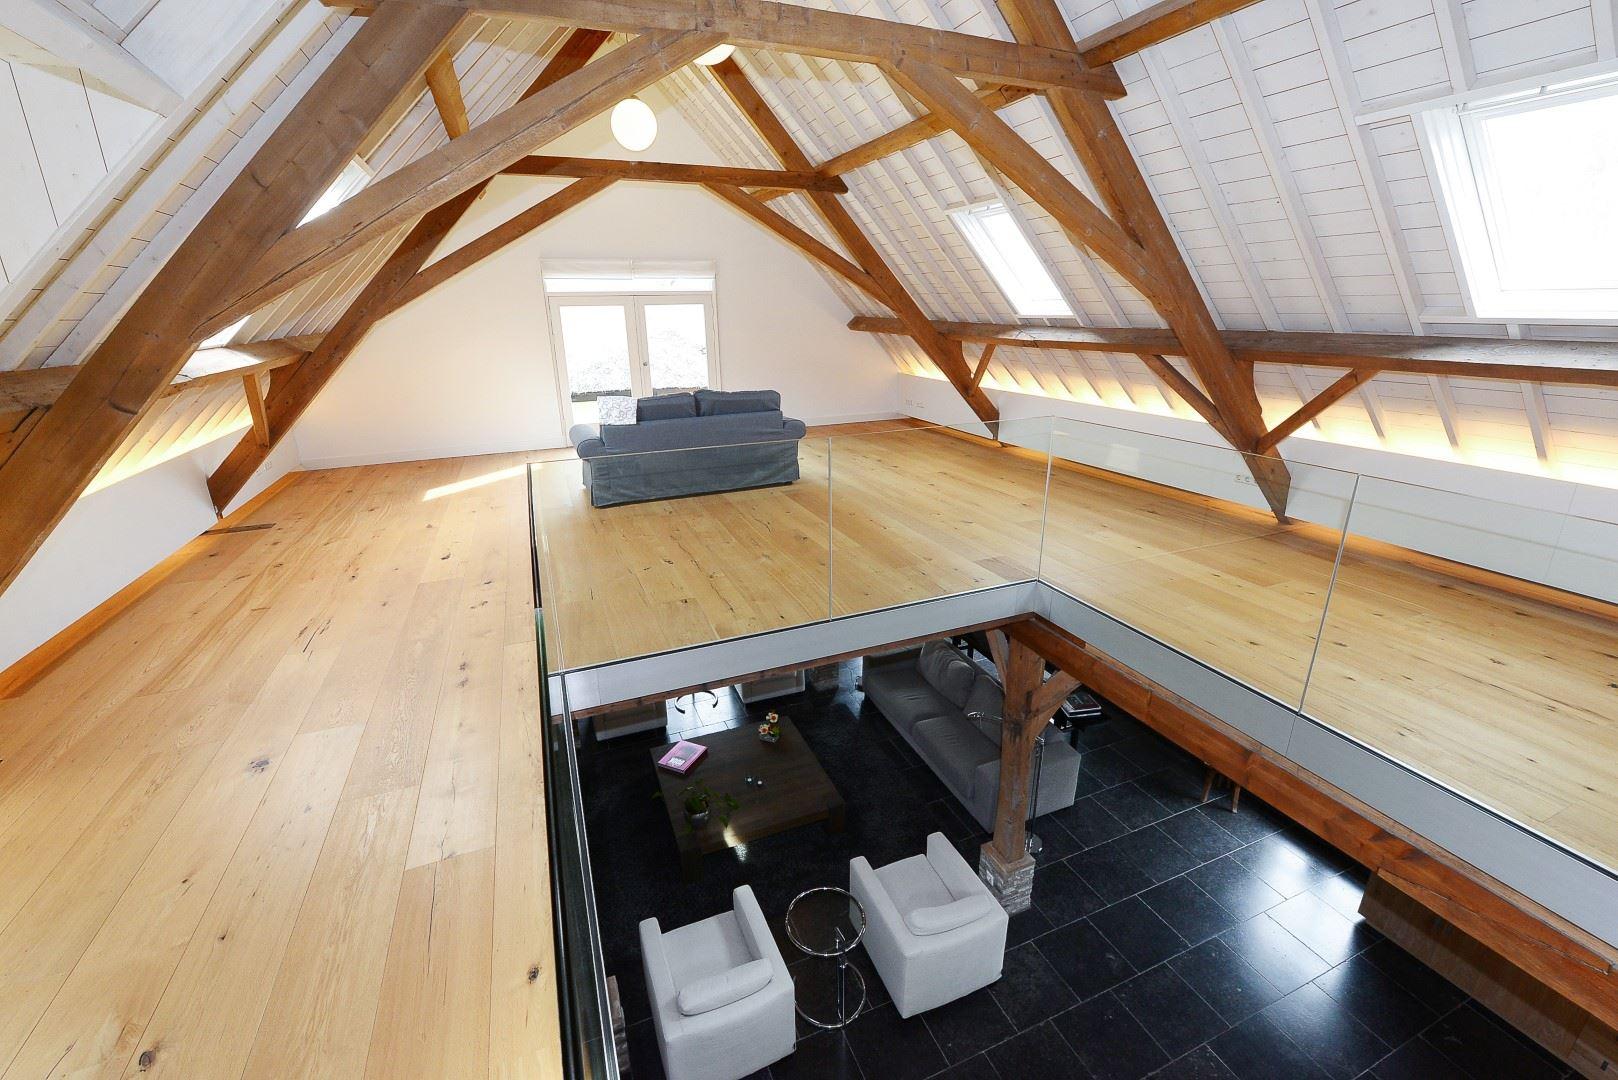 Woonkamer Op Zolder : Hobby zolder met doorkijk naar woonkamer willemijnvandewetering